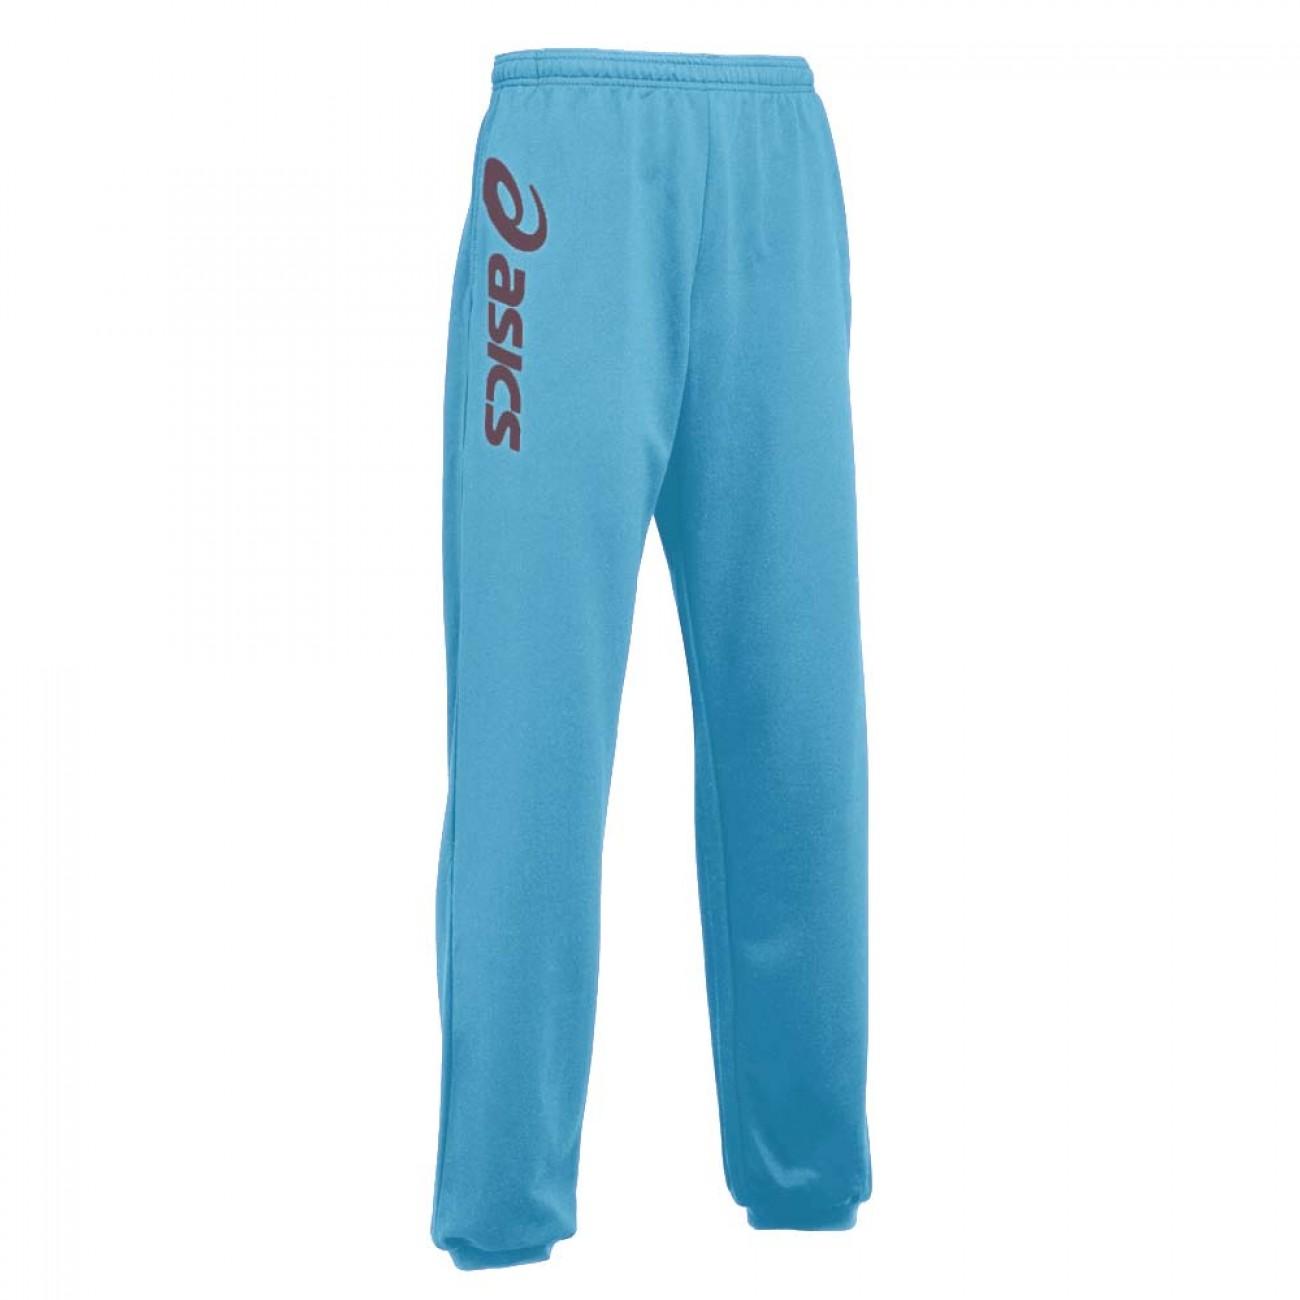 Asics Spodnie Męskie Dresowe Sportowe Niebieskie L